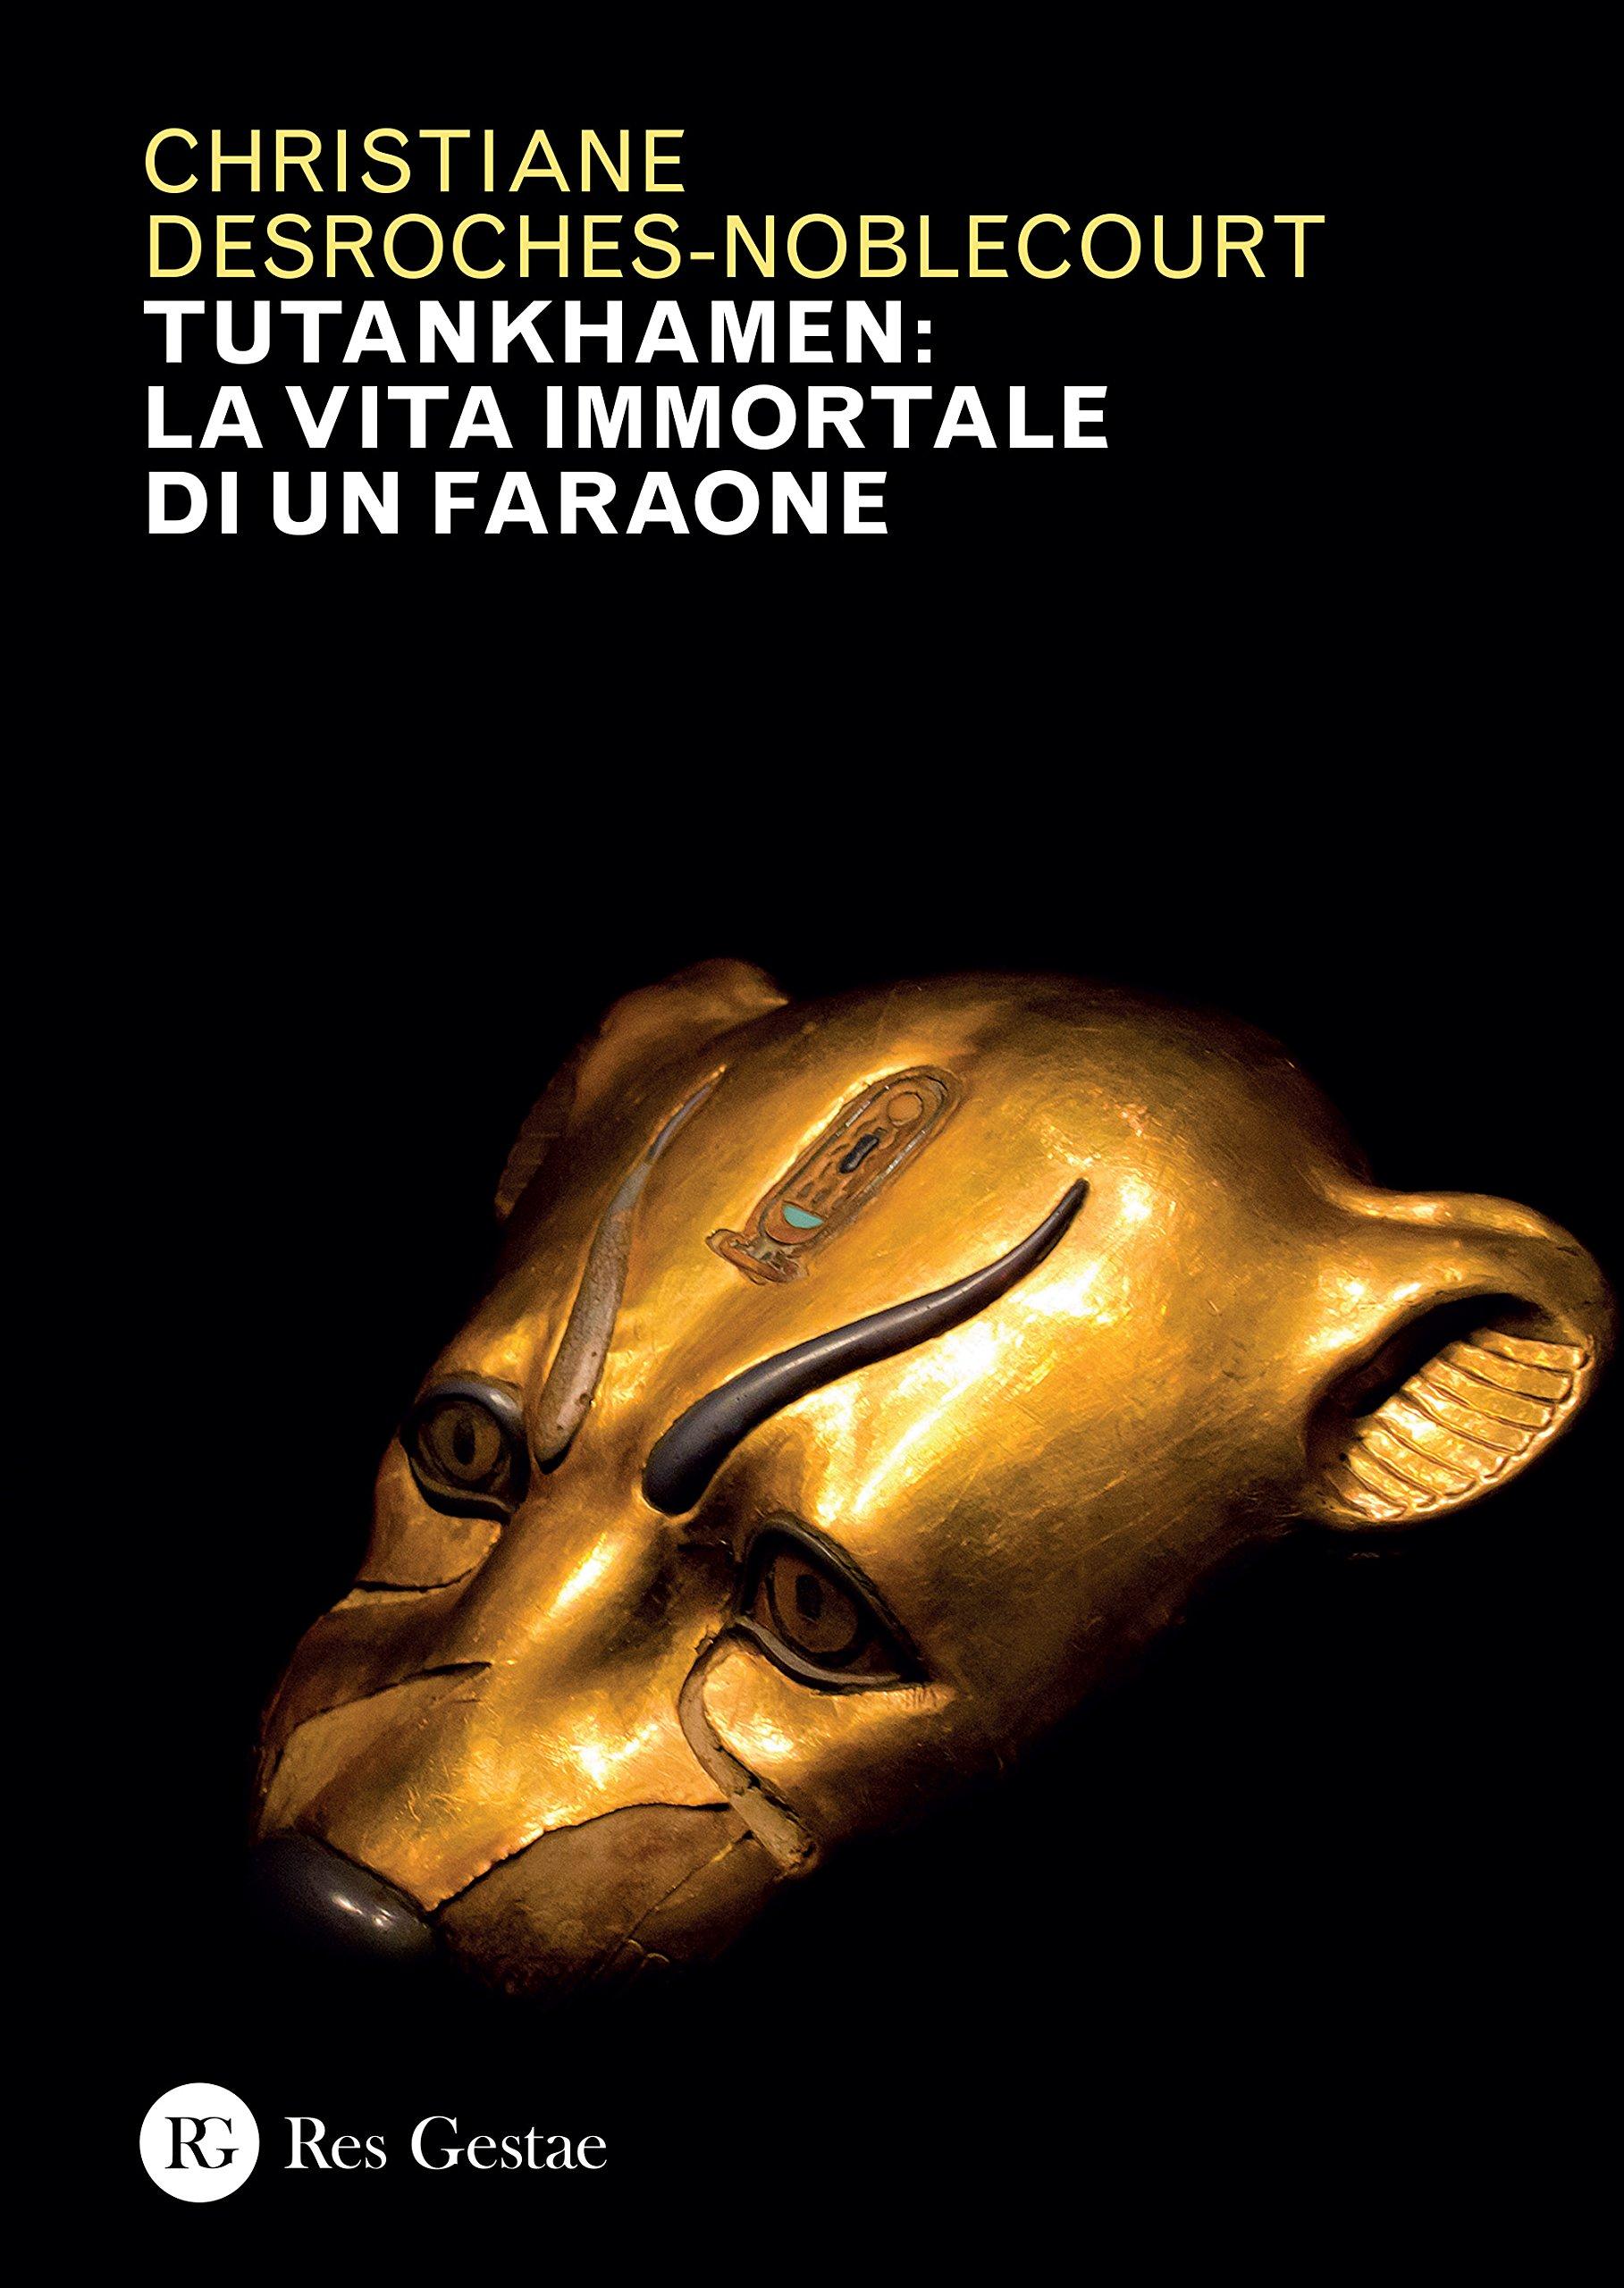 Tutankhamen: la vita immortale di un faraone. Ediz. illustrata Copertina flessibile – 25 ago 2016 Res Gestae 8866971626 Antico Egitto Saggistica